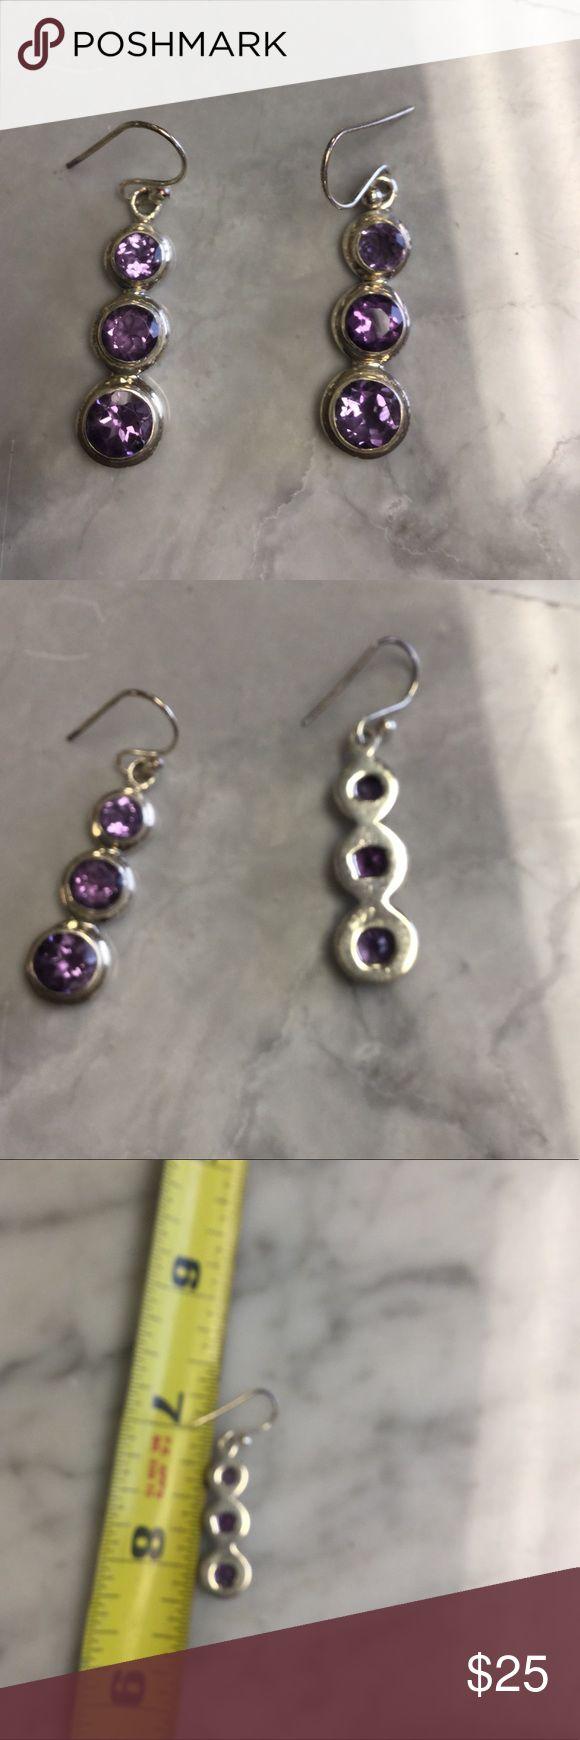 Selling Silver & amethyst earrings Butiful Jewelry Earrings